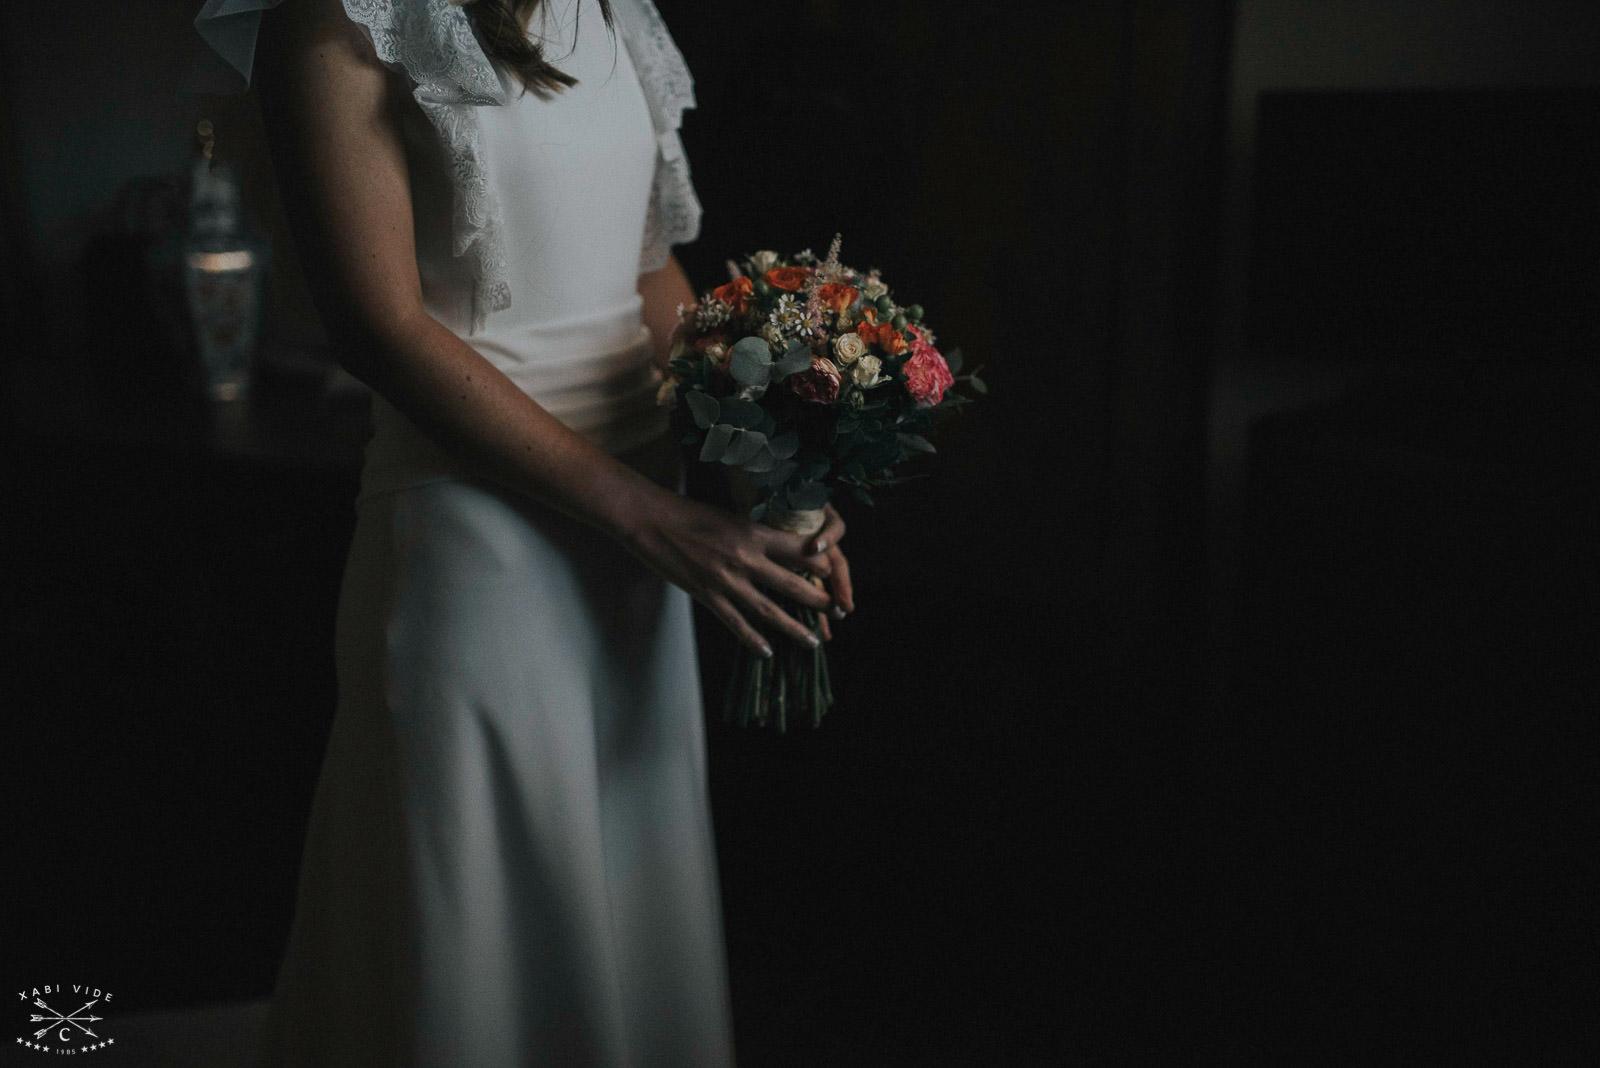 fotografo de bodas en bilbao-114